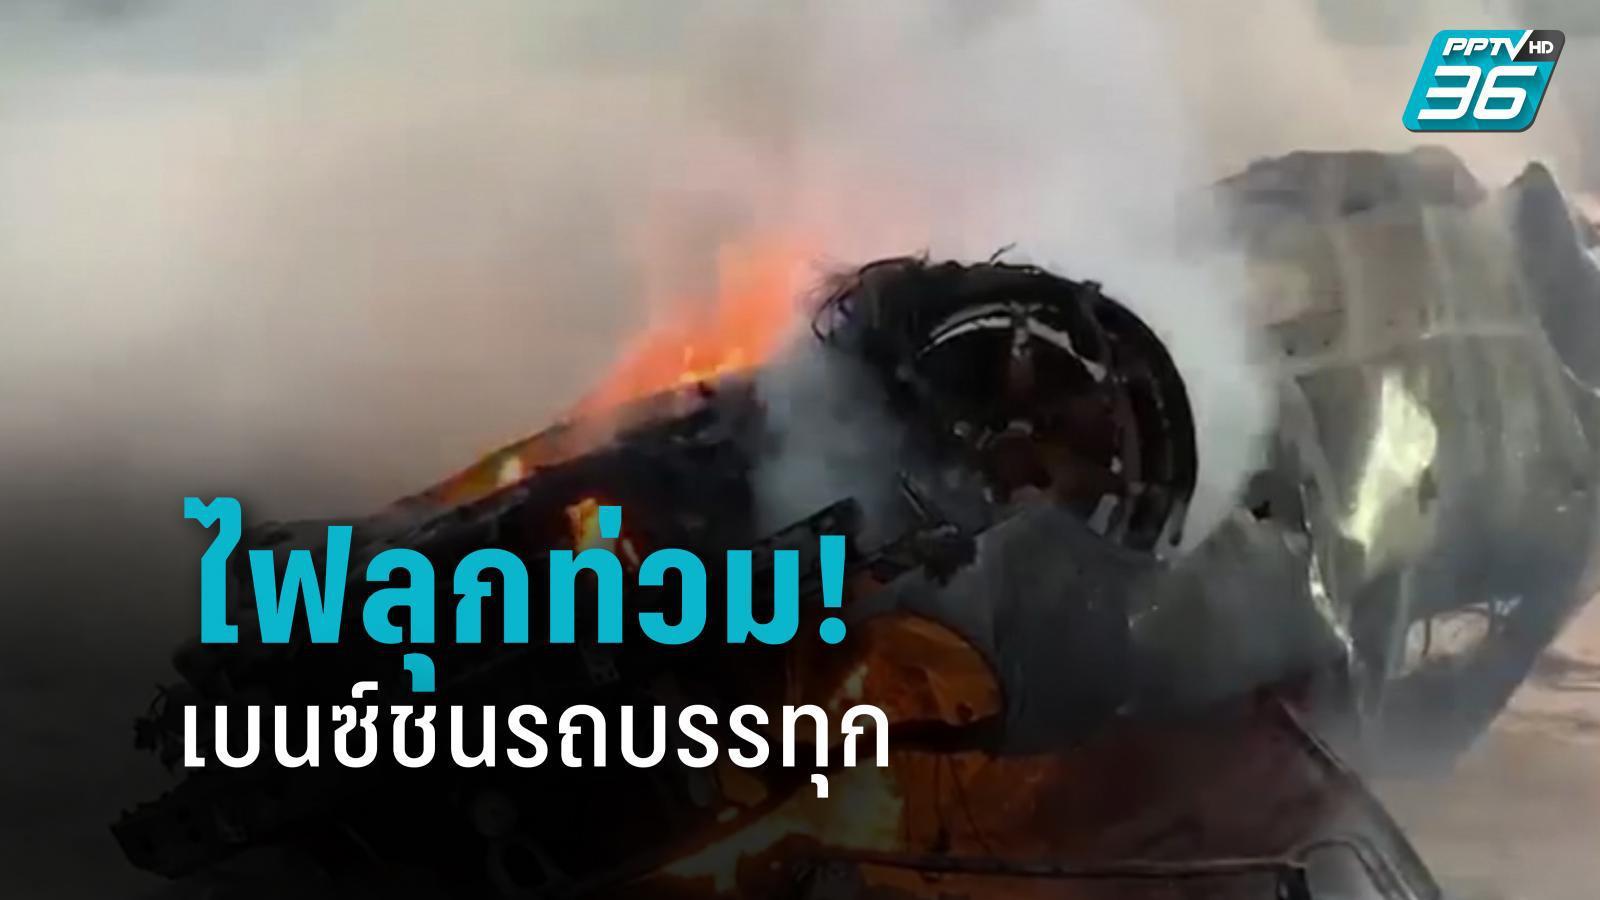 เบนซ์เสยท้ายรถบรรทุก ไฟลุกท่วมทั้งคัน คนขับมุดหนีทันโบกแท็กซี่ไปรพ.